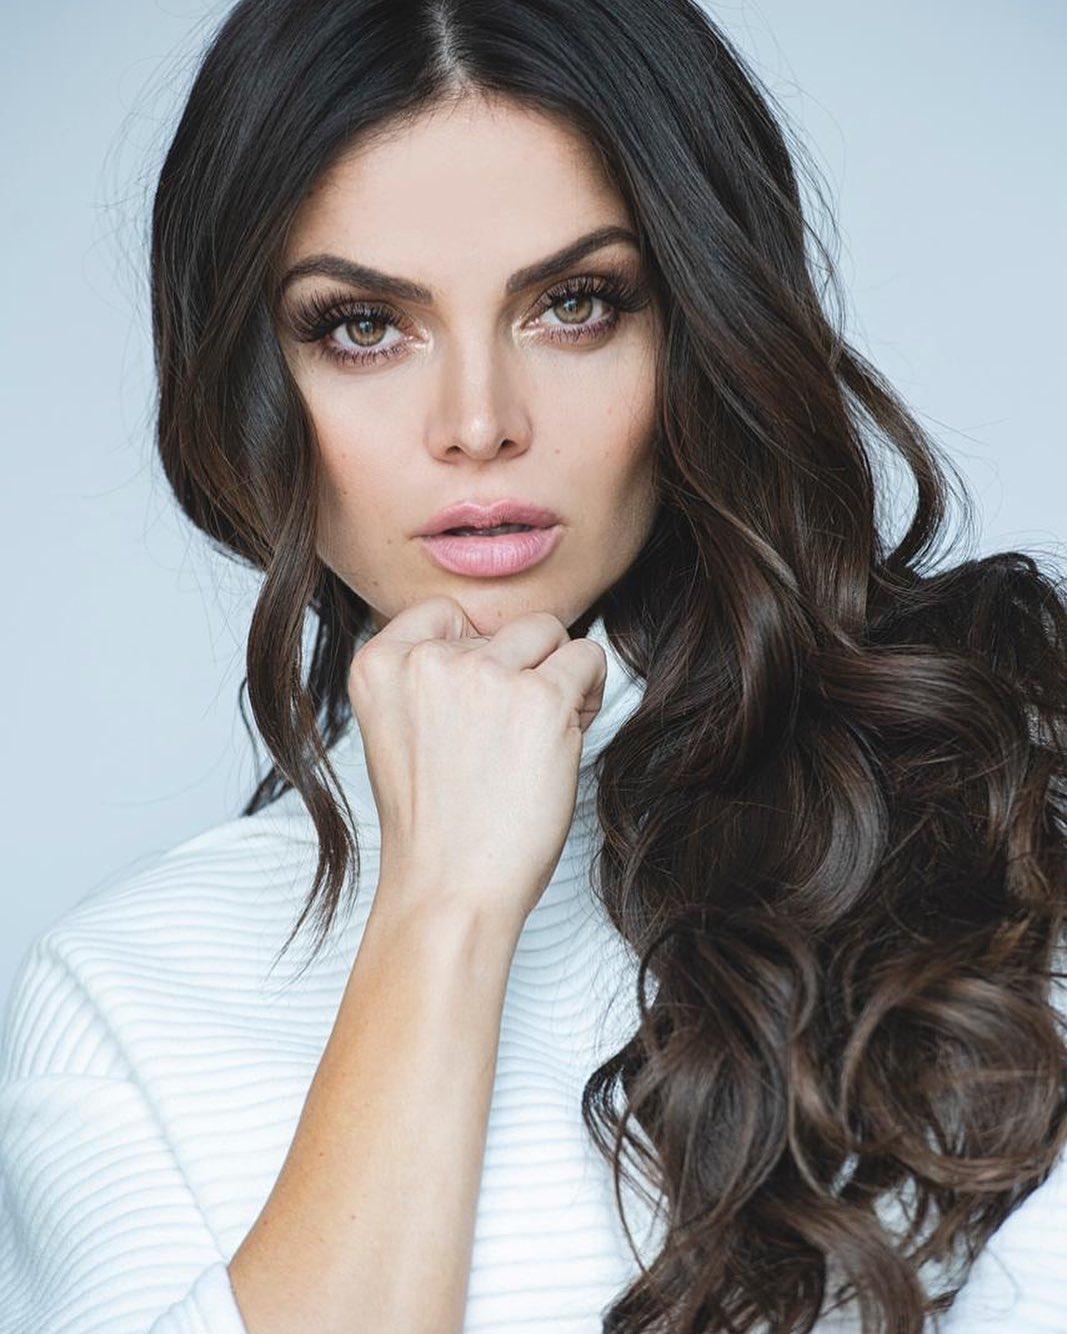 Marisol-Gonzalez-6